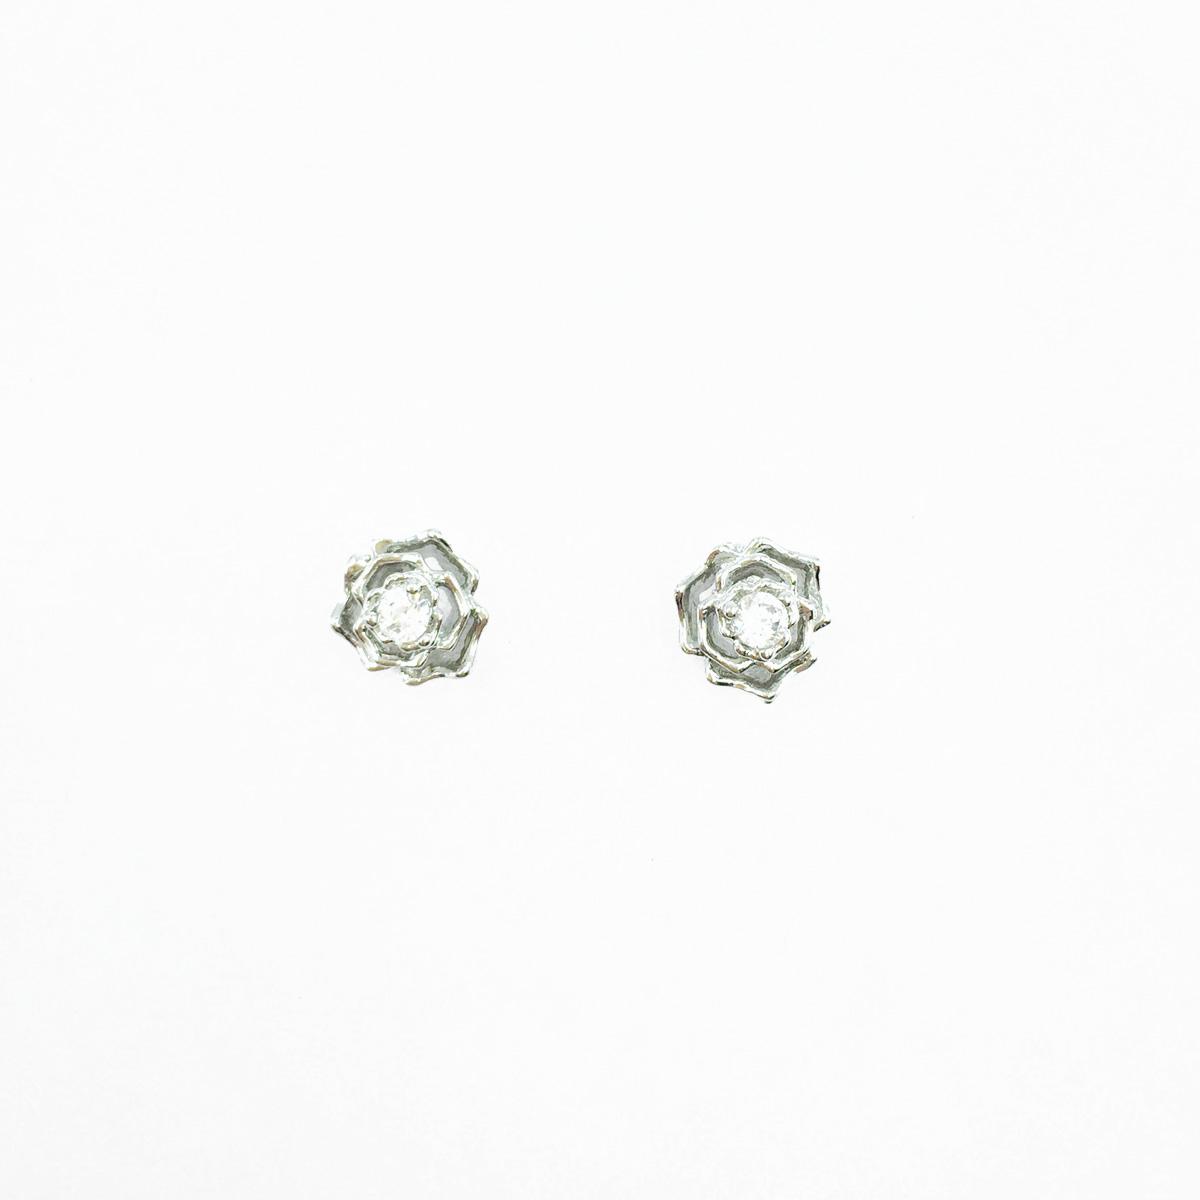 韓國 不鏽鋼 水鑽 花 簍空 層次感 優雅款 後轉耳針式耳環